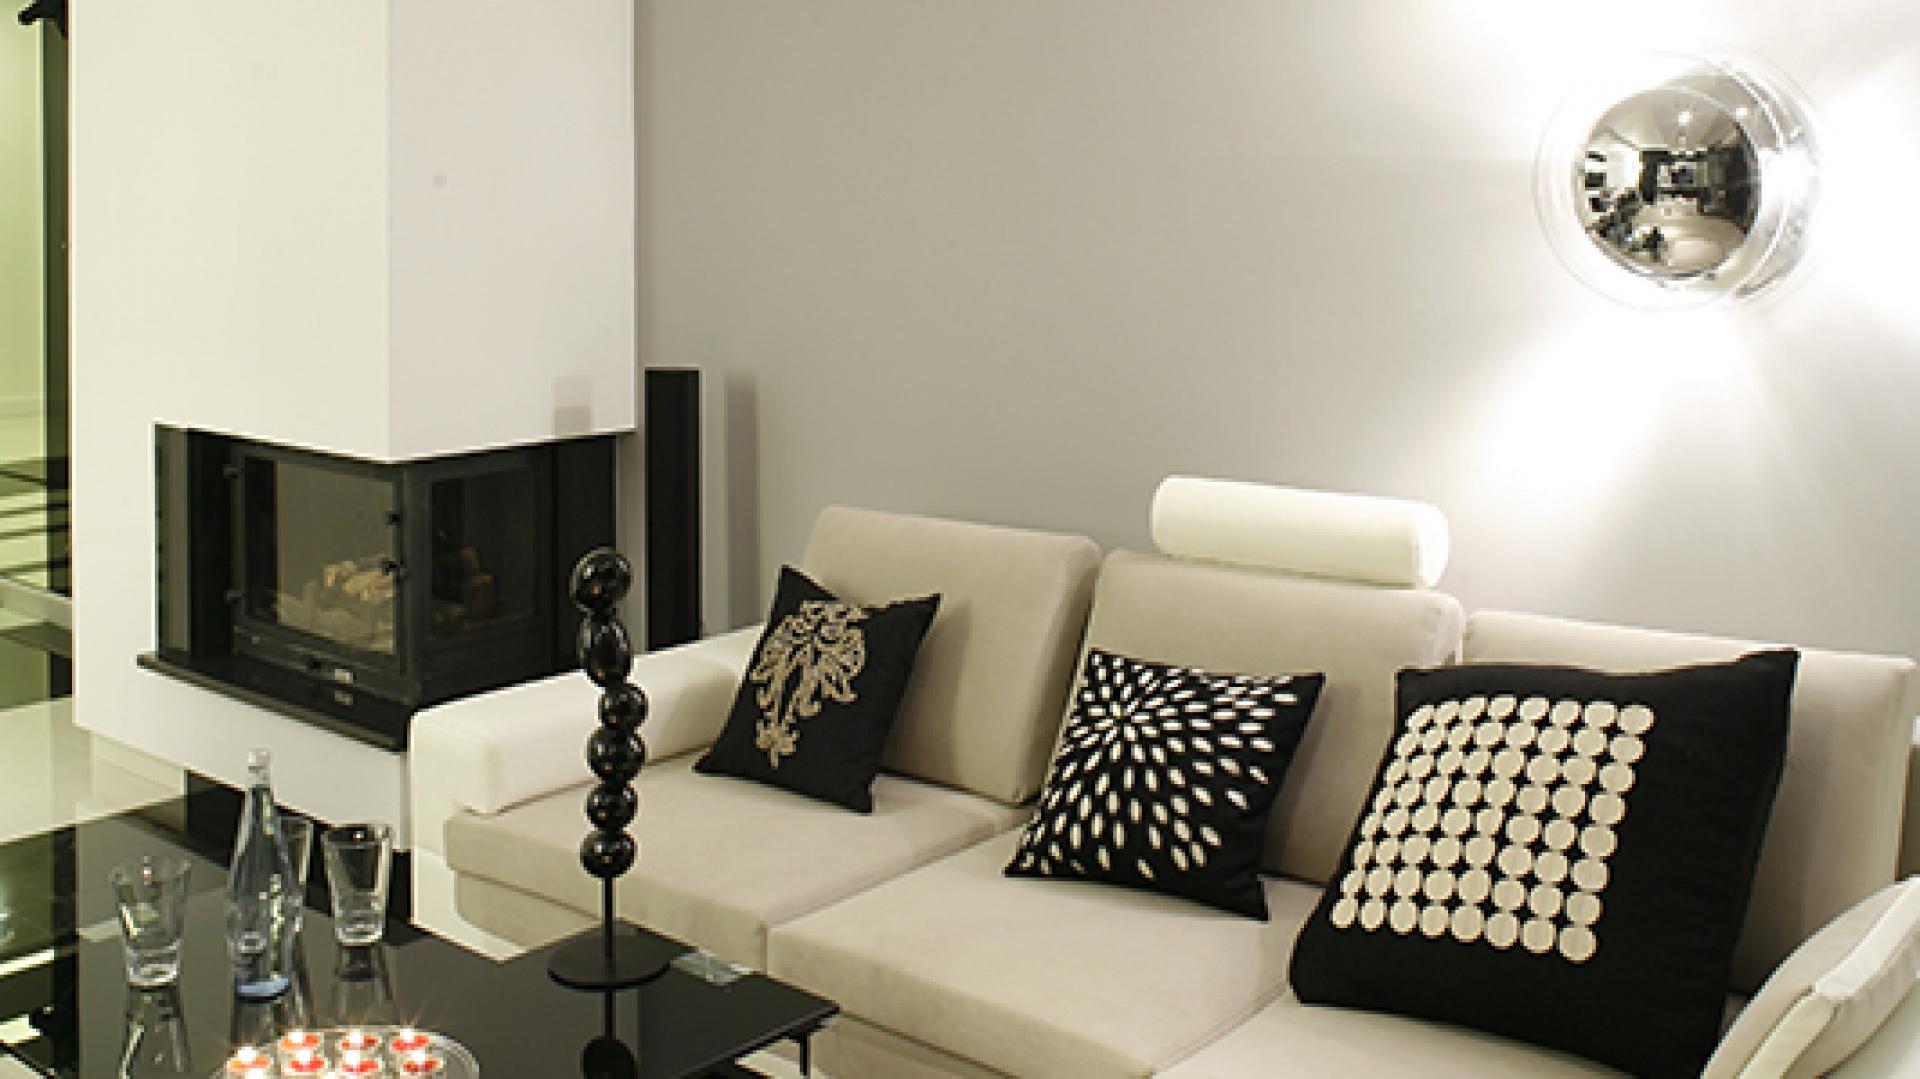 Strefę relaksu tworzą: modułowa kanapa Trivio (Bizzarto) w jasnym obiciu, z wygodnymi zagłówkami i funkcją spania, oraz stoliki kawowe z czarnego szkła i stali nierdzewnej (Moma Studio). Fot. Bartosz Jarosz.